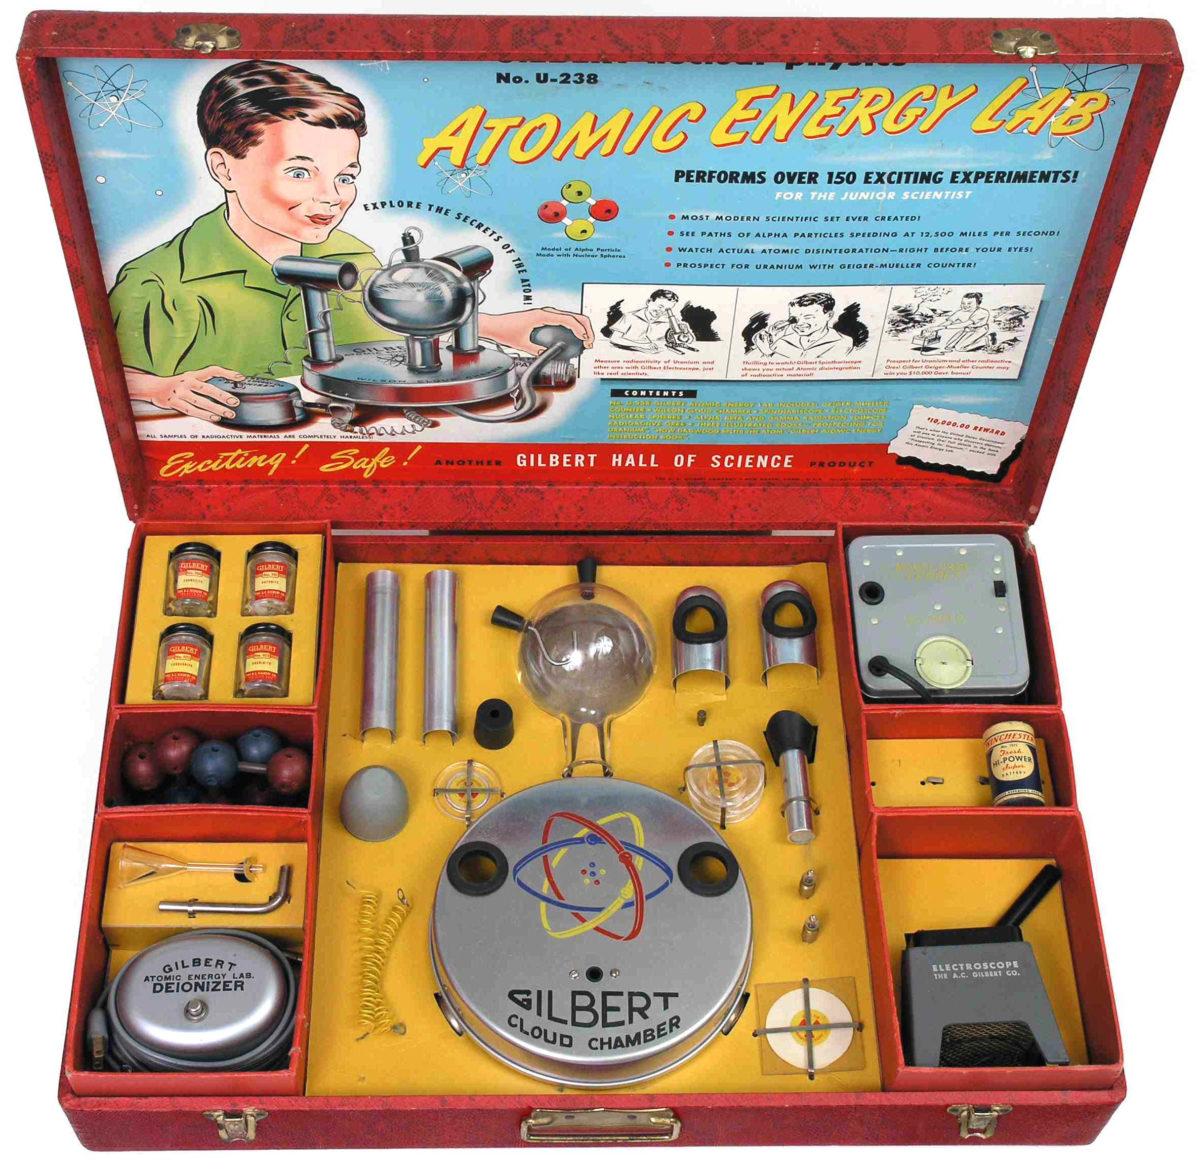 la valigetta atomica